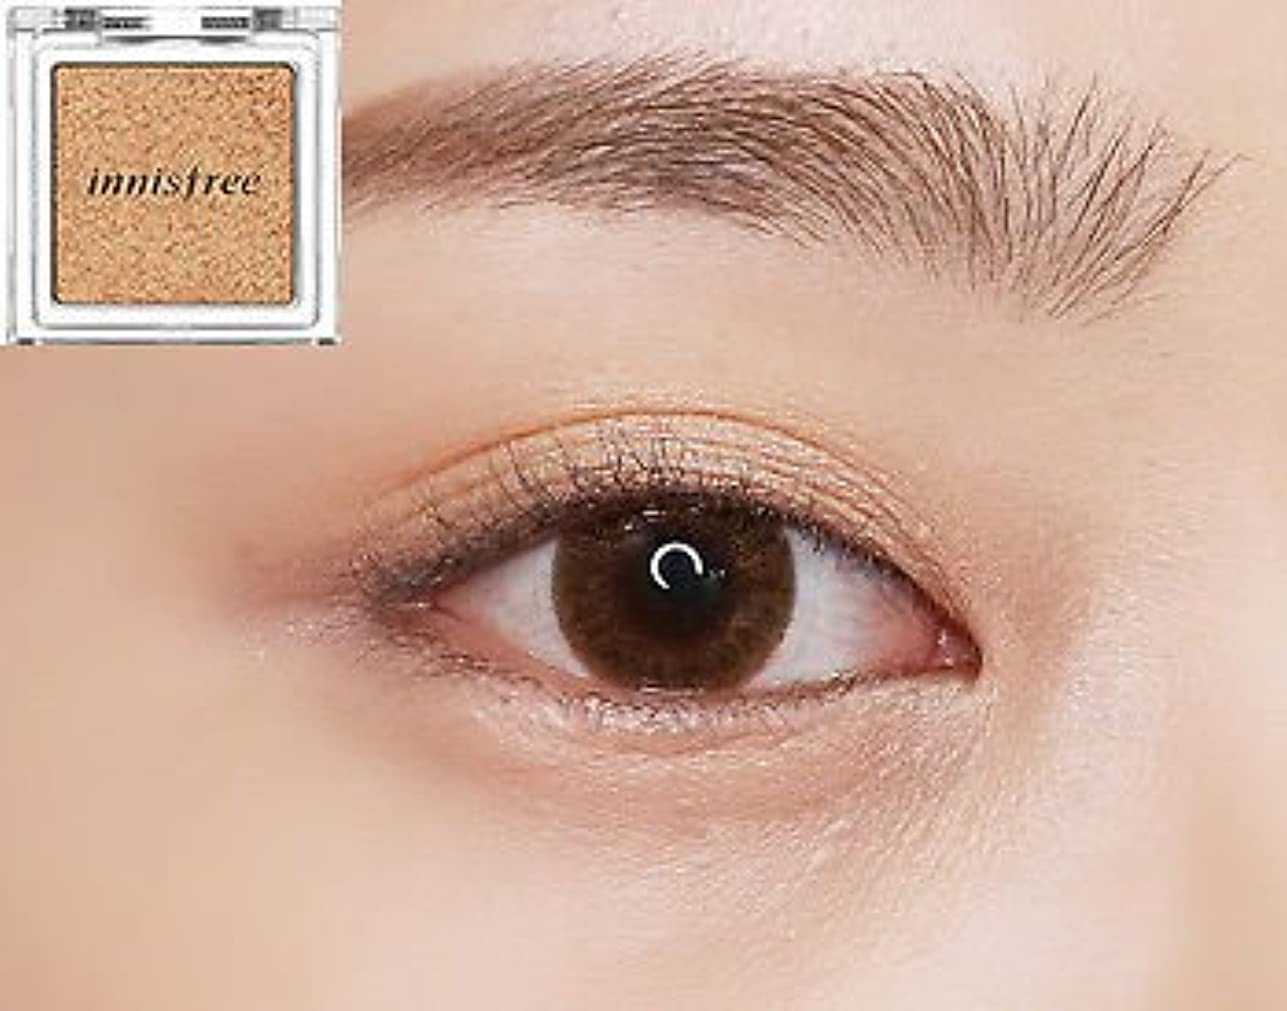 鋸歯状モナリザデクリメント[イニスフリー] innisfree [マイ パレット マイ アイシャドウ (グリッタ一) 25カラー] MY PALETTE My Eyeshadow (Glitter) 25 Shades [海外直送品] (グリッタ...